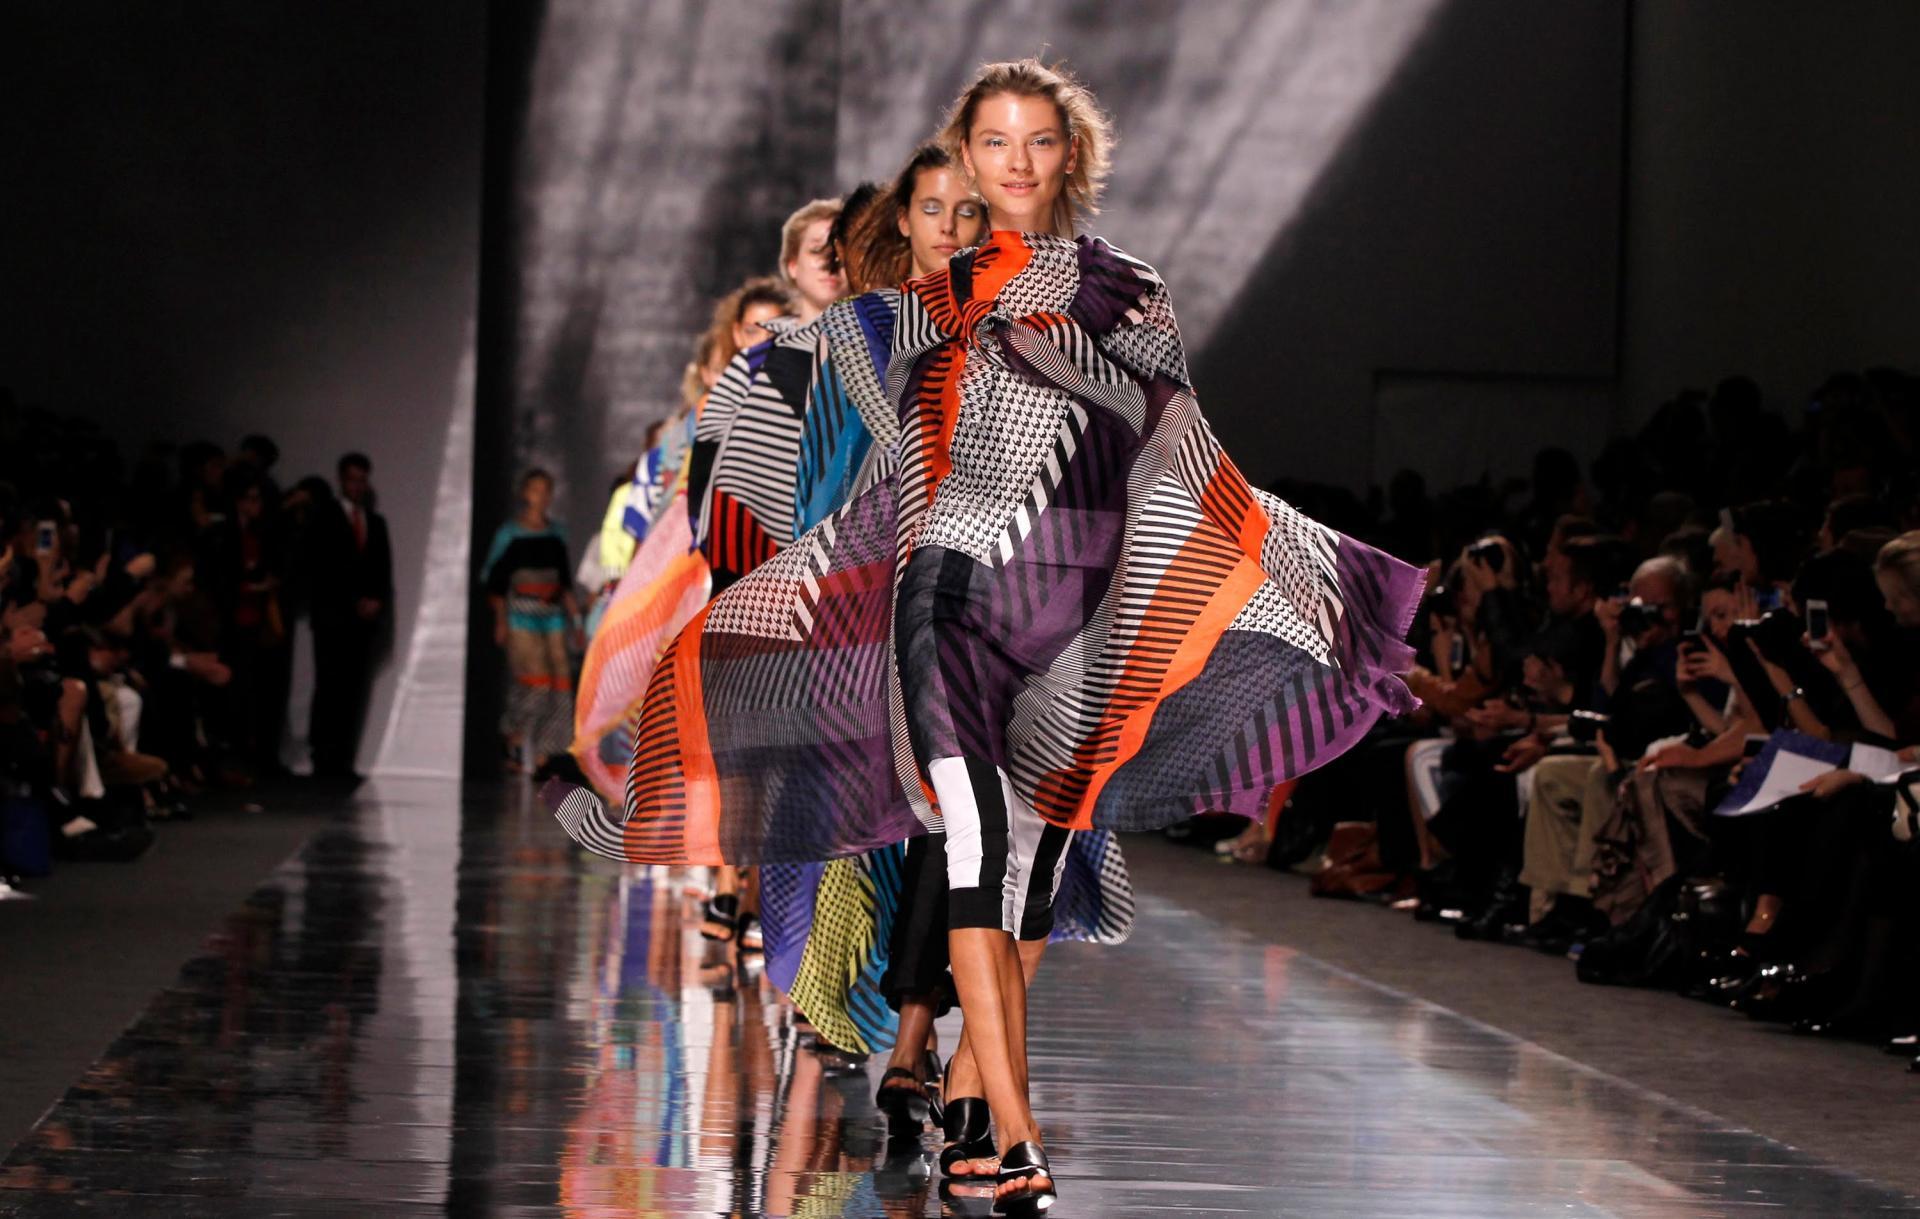 день моды картинки явление российской